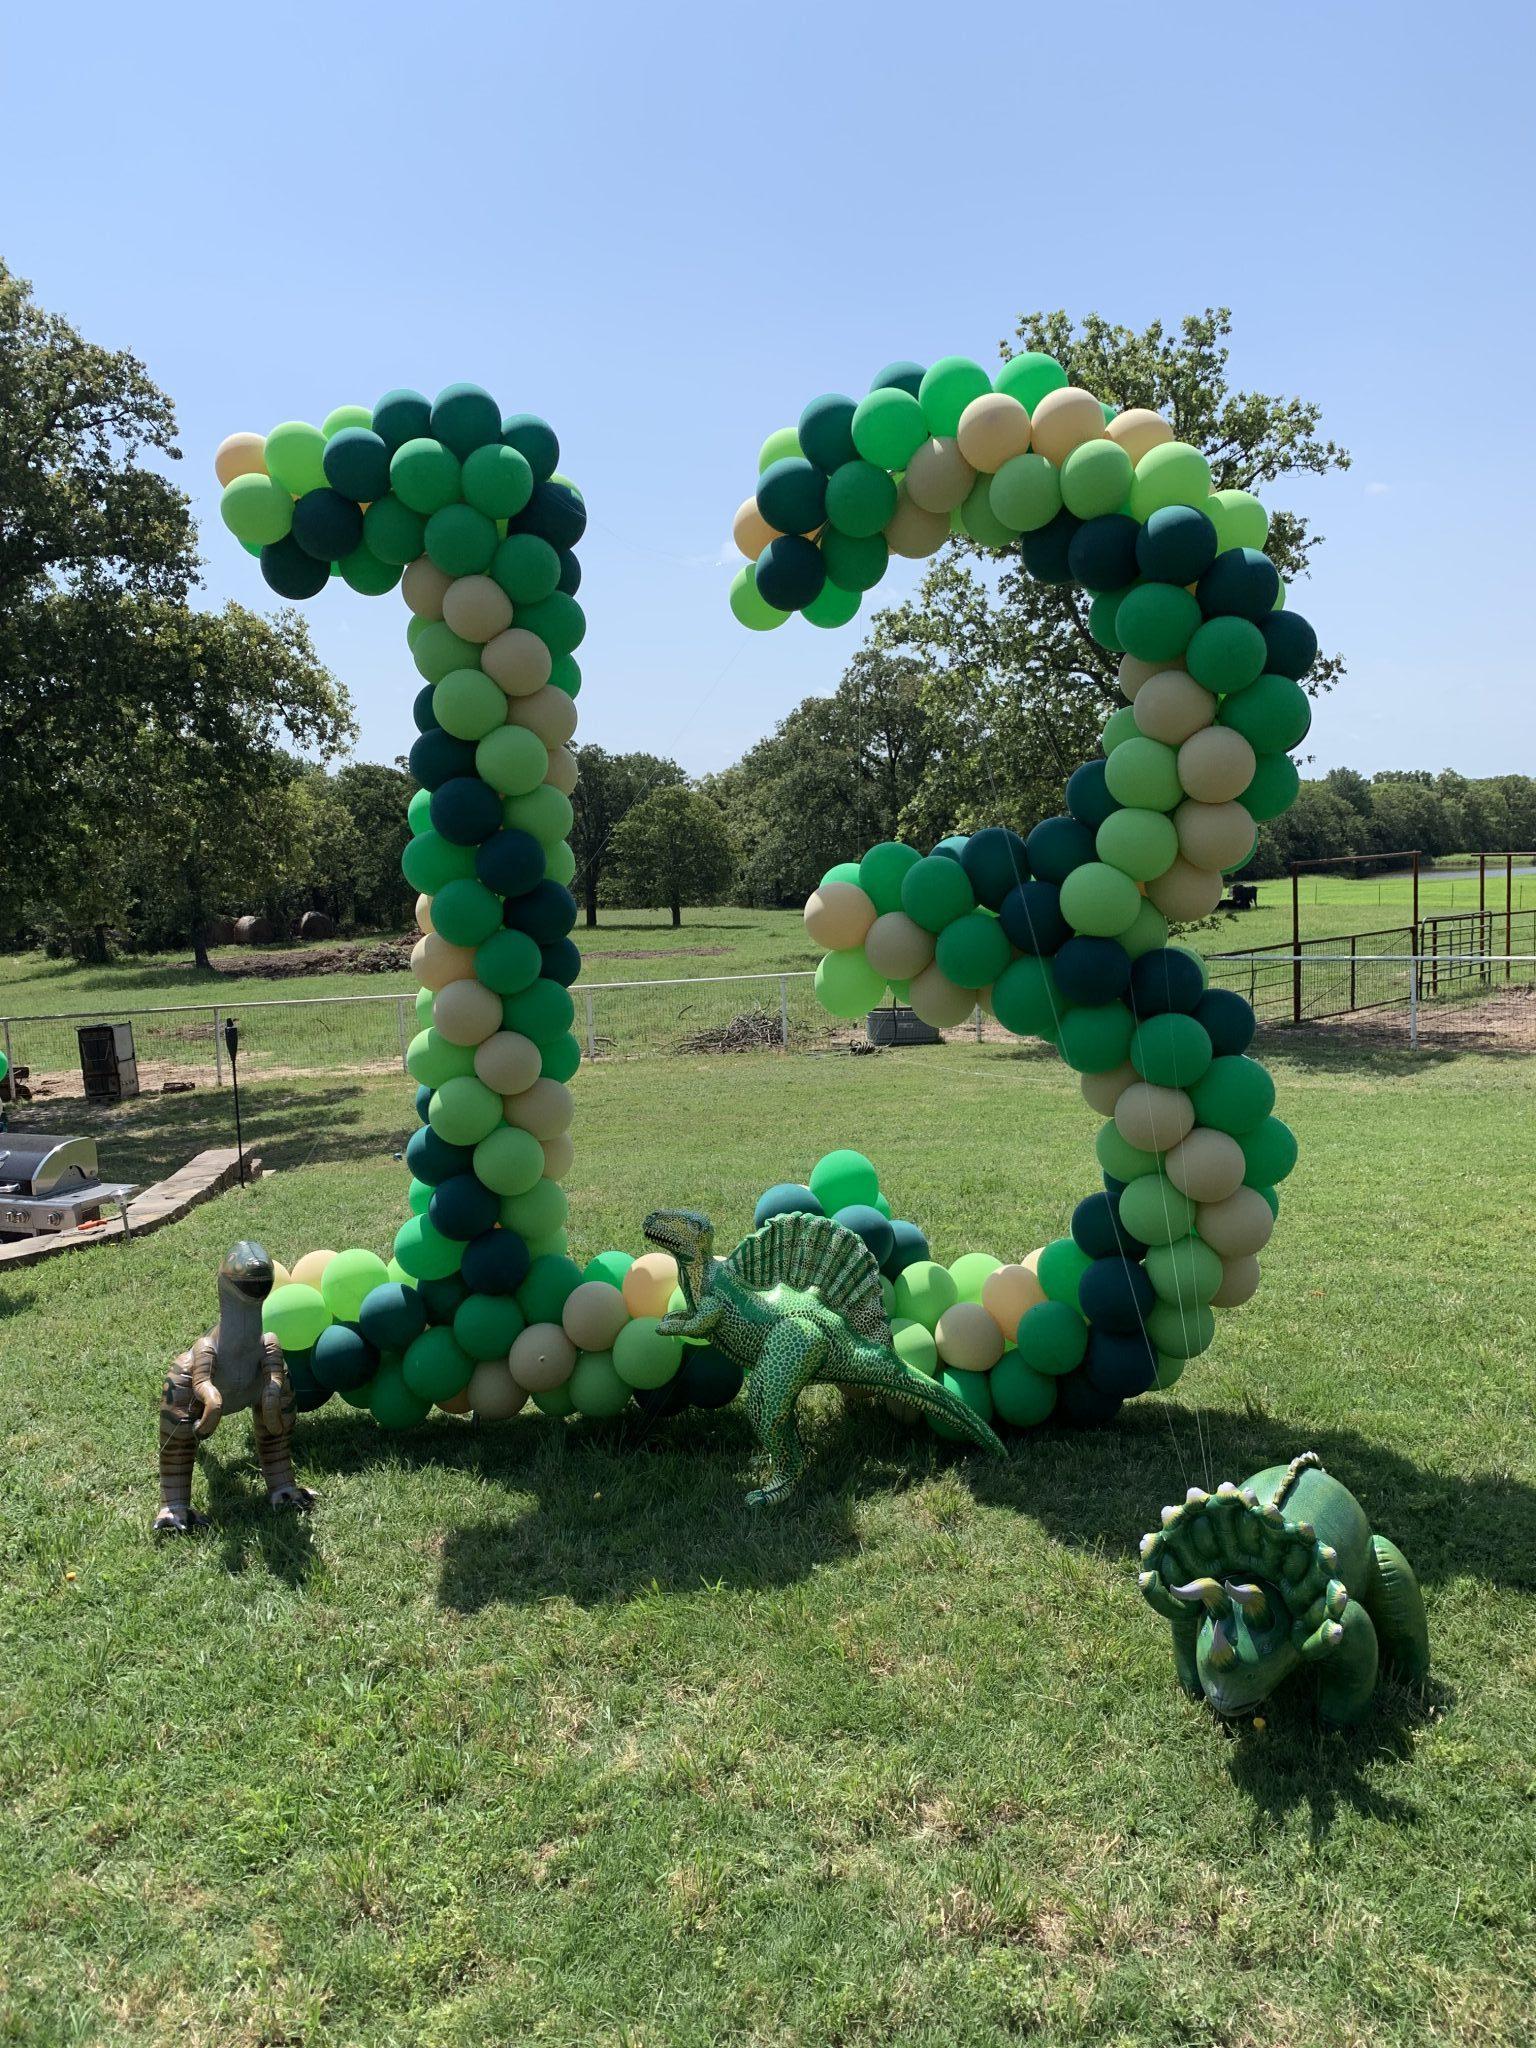 Balloon Yard Number